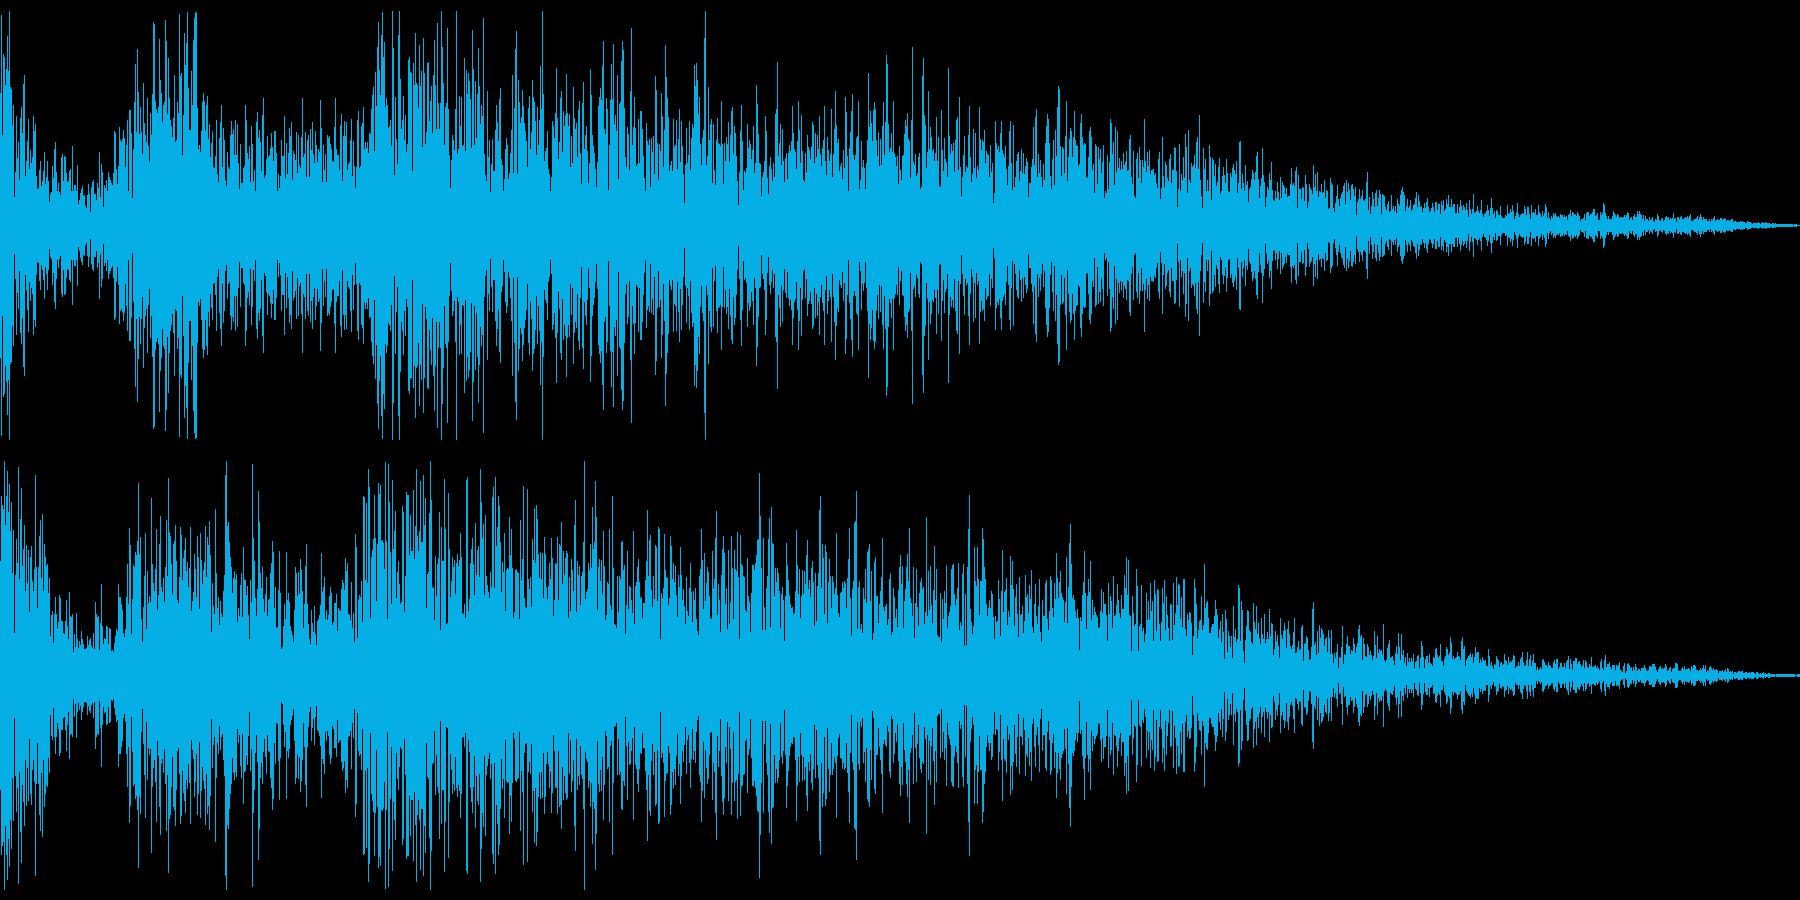 カカーンッ(睨む、対峙する、見得を切る)の再生済みの波形